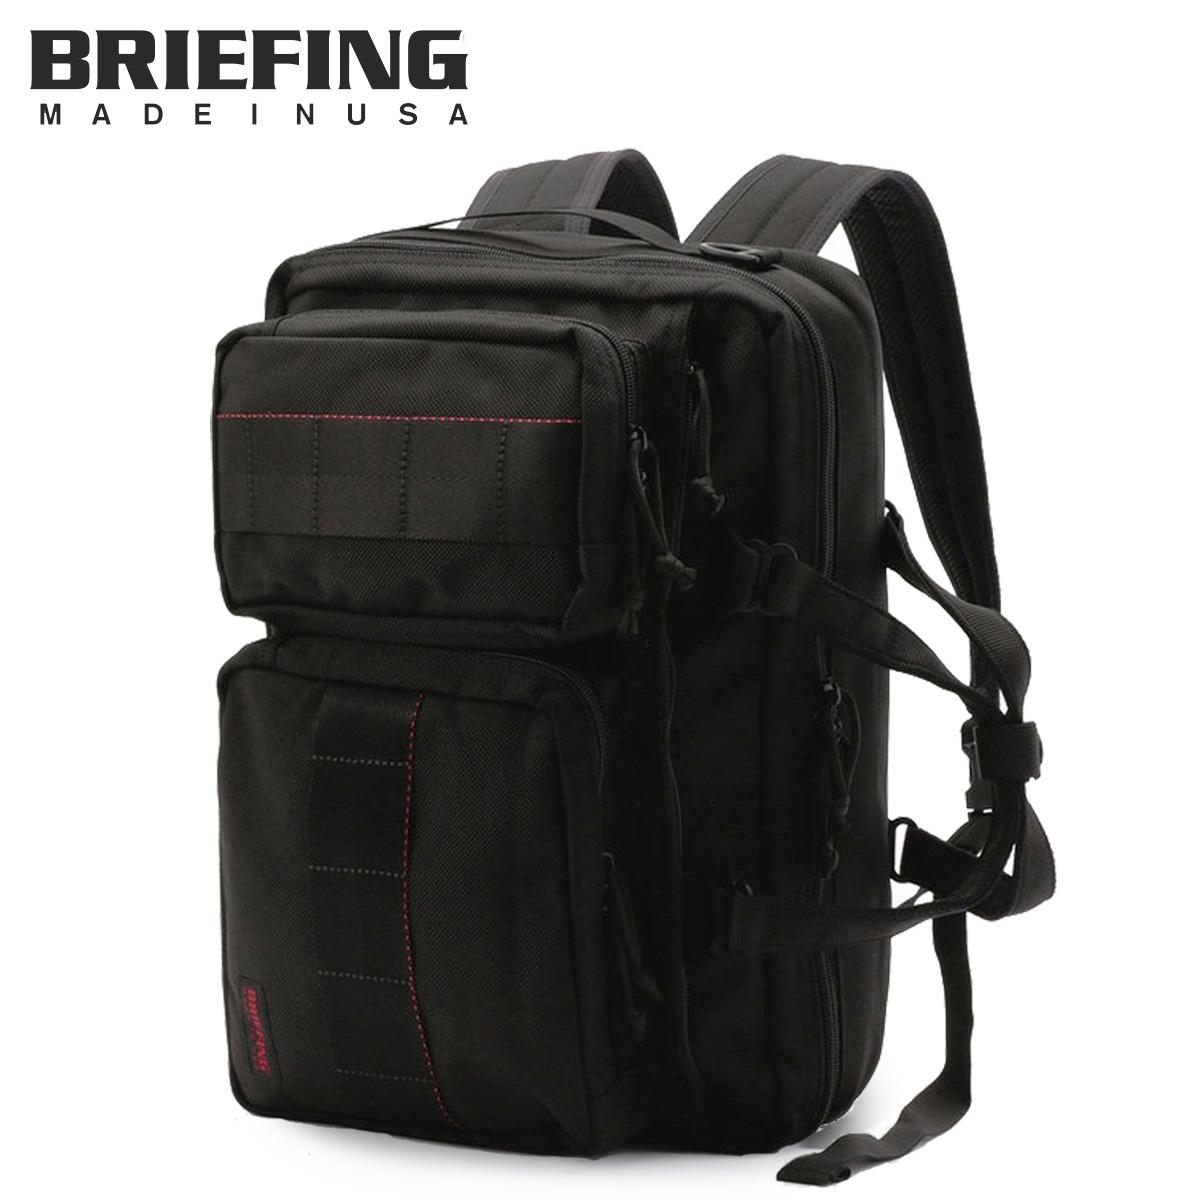 ブリーフィング BRIEFING バッグ ブリーフケース リュック ビジネスバッグ メンズ 3WAY 12L NEO TRINITY LINER ブラック 黒 BRF399219